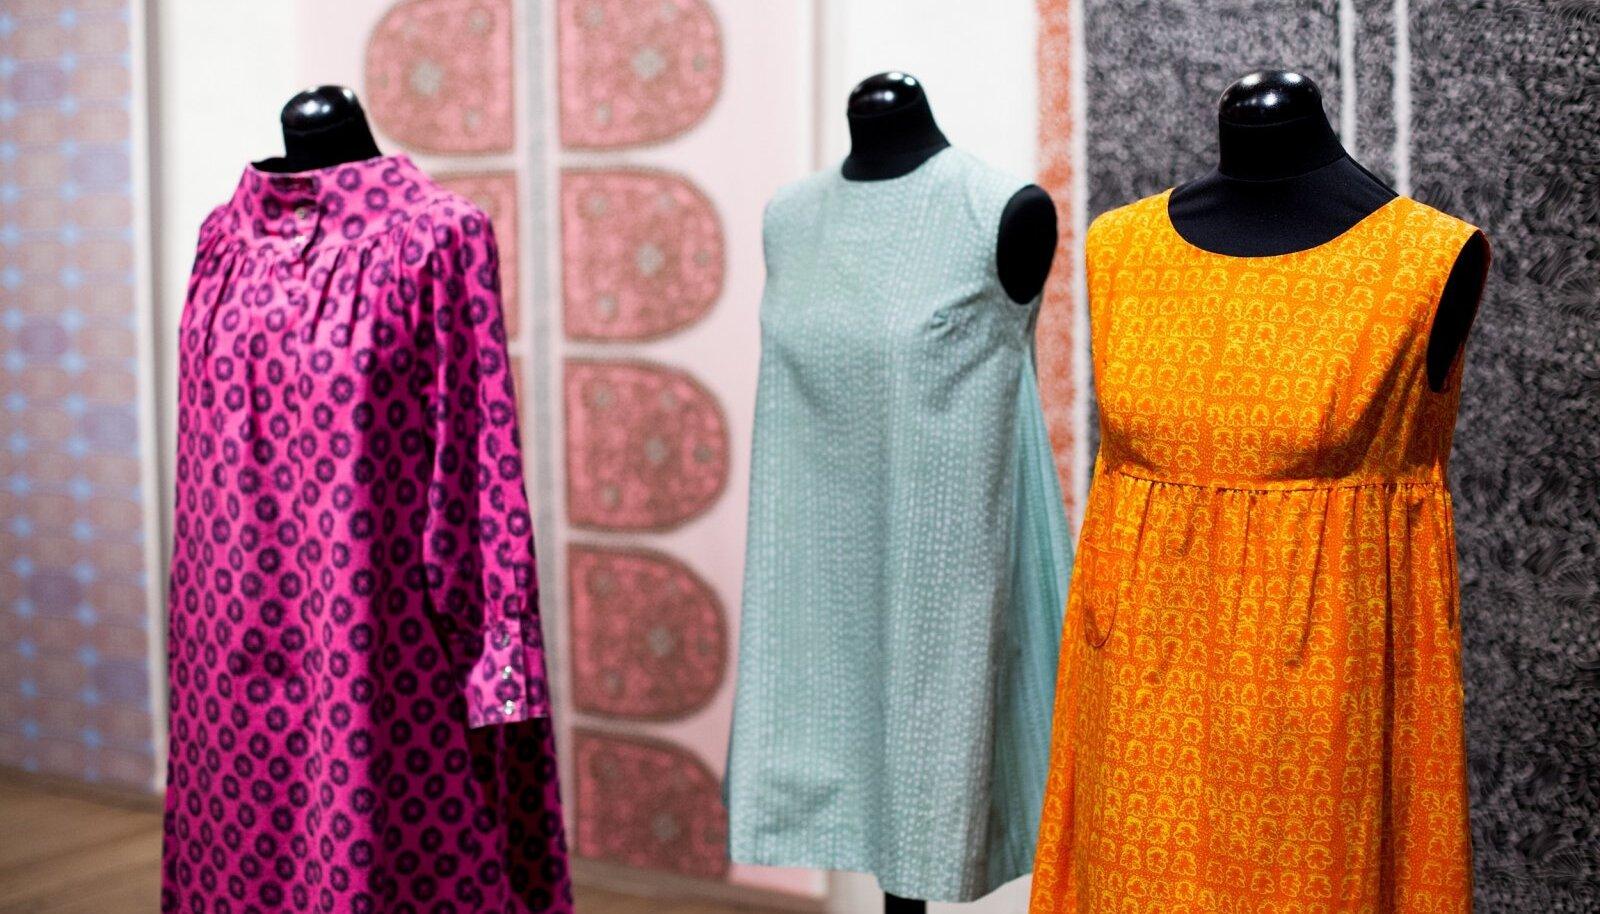 Soome Marimekko näitus Eesti Disaini- ja Tarbekunstimuuseumis